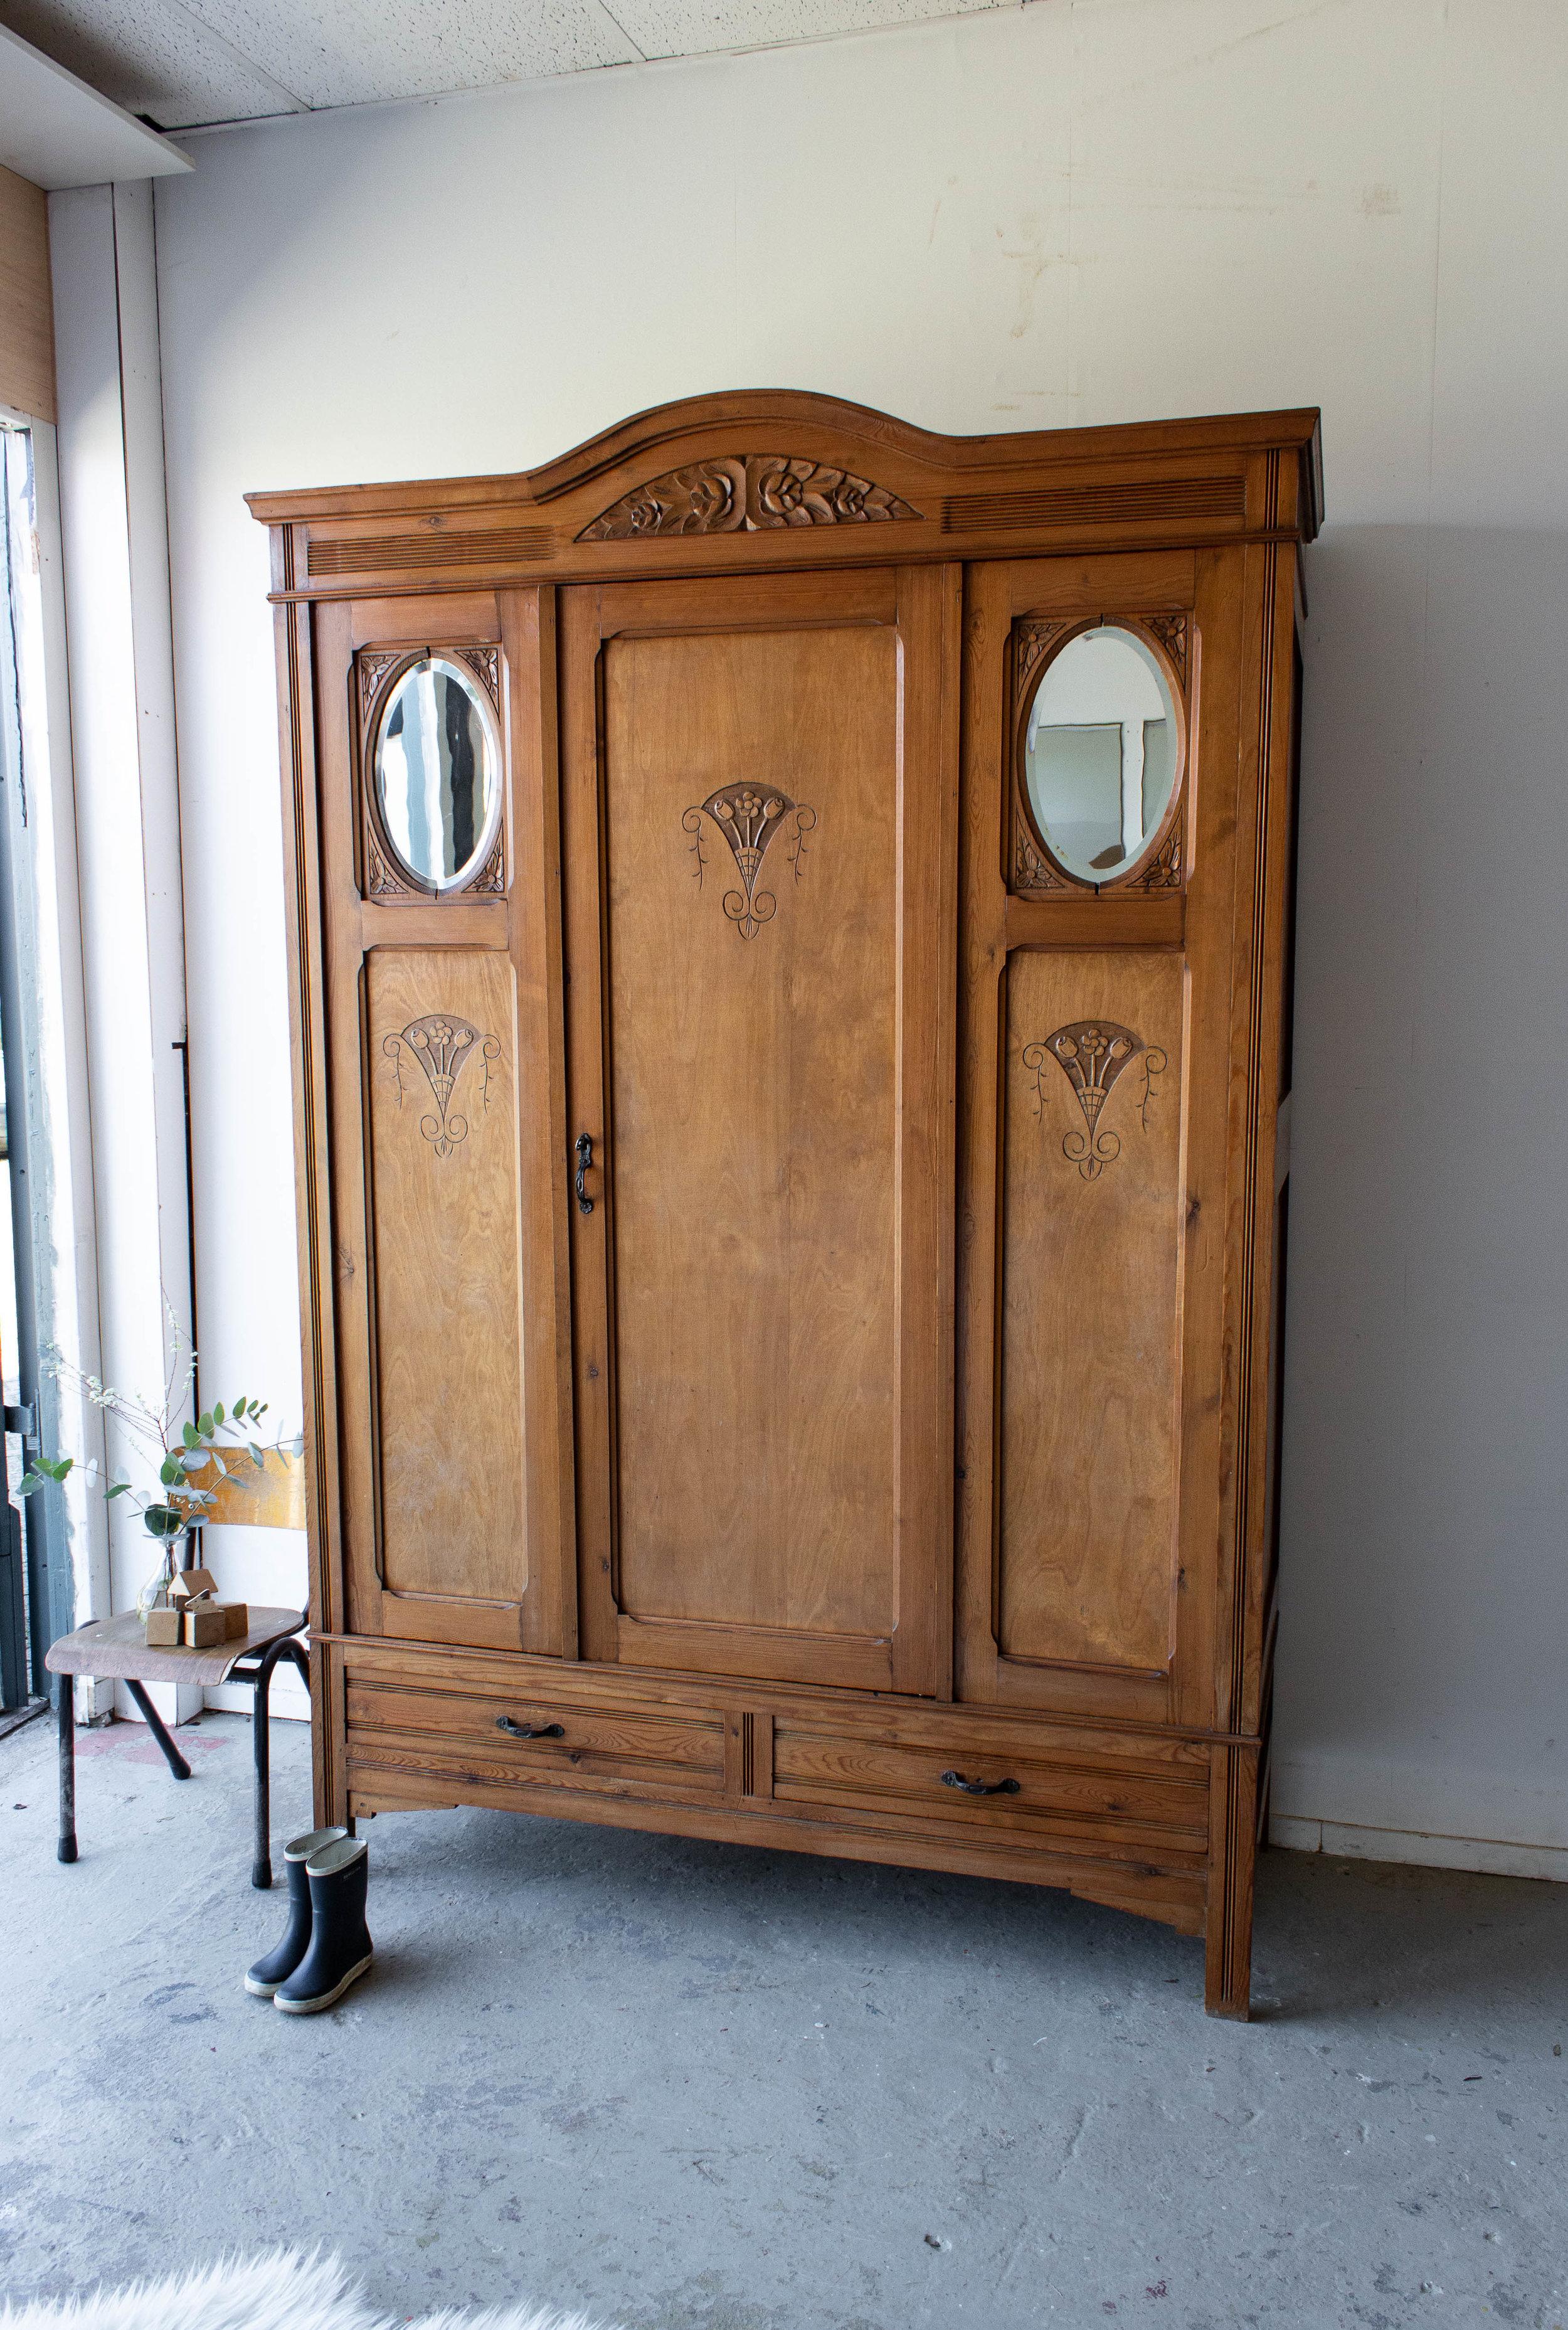 1497- demontabele vintage kast met houtsnijwerk-2.jpg